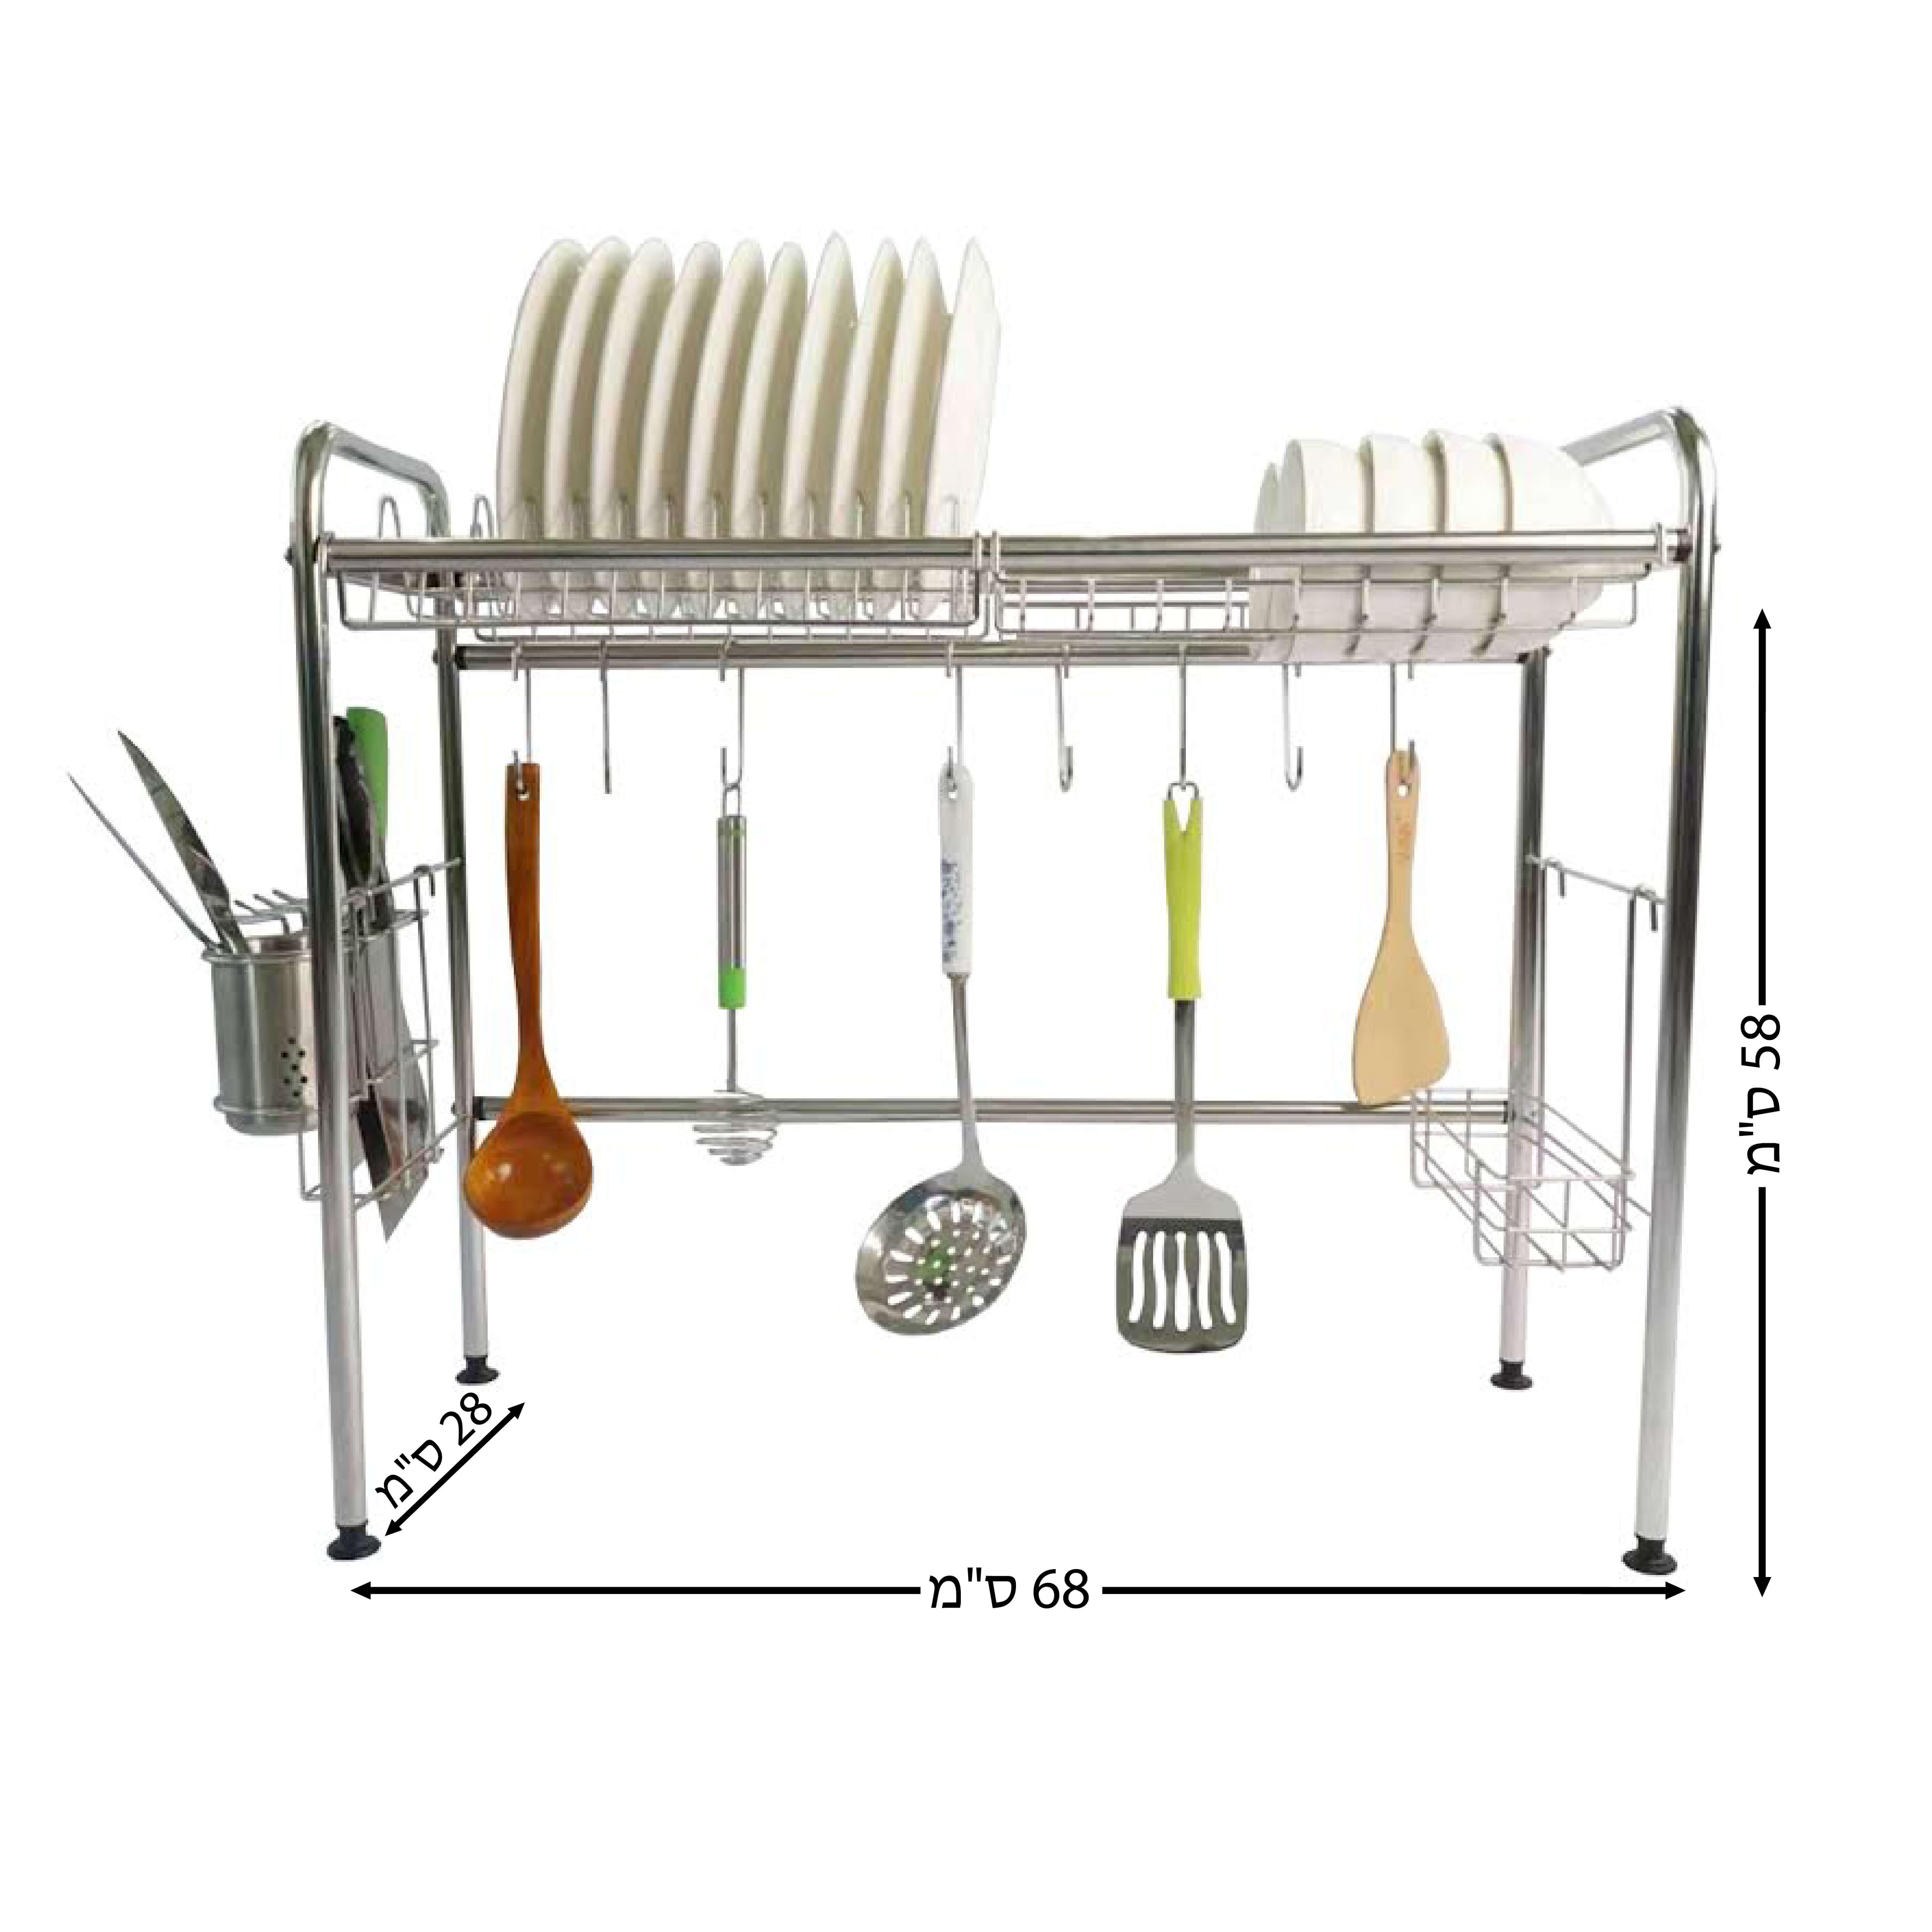 מתקן ייבוש כלים מעל הכיור רוחב כיור אחד גובה 2 קומות